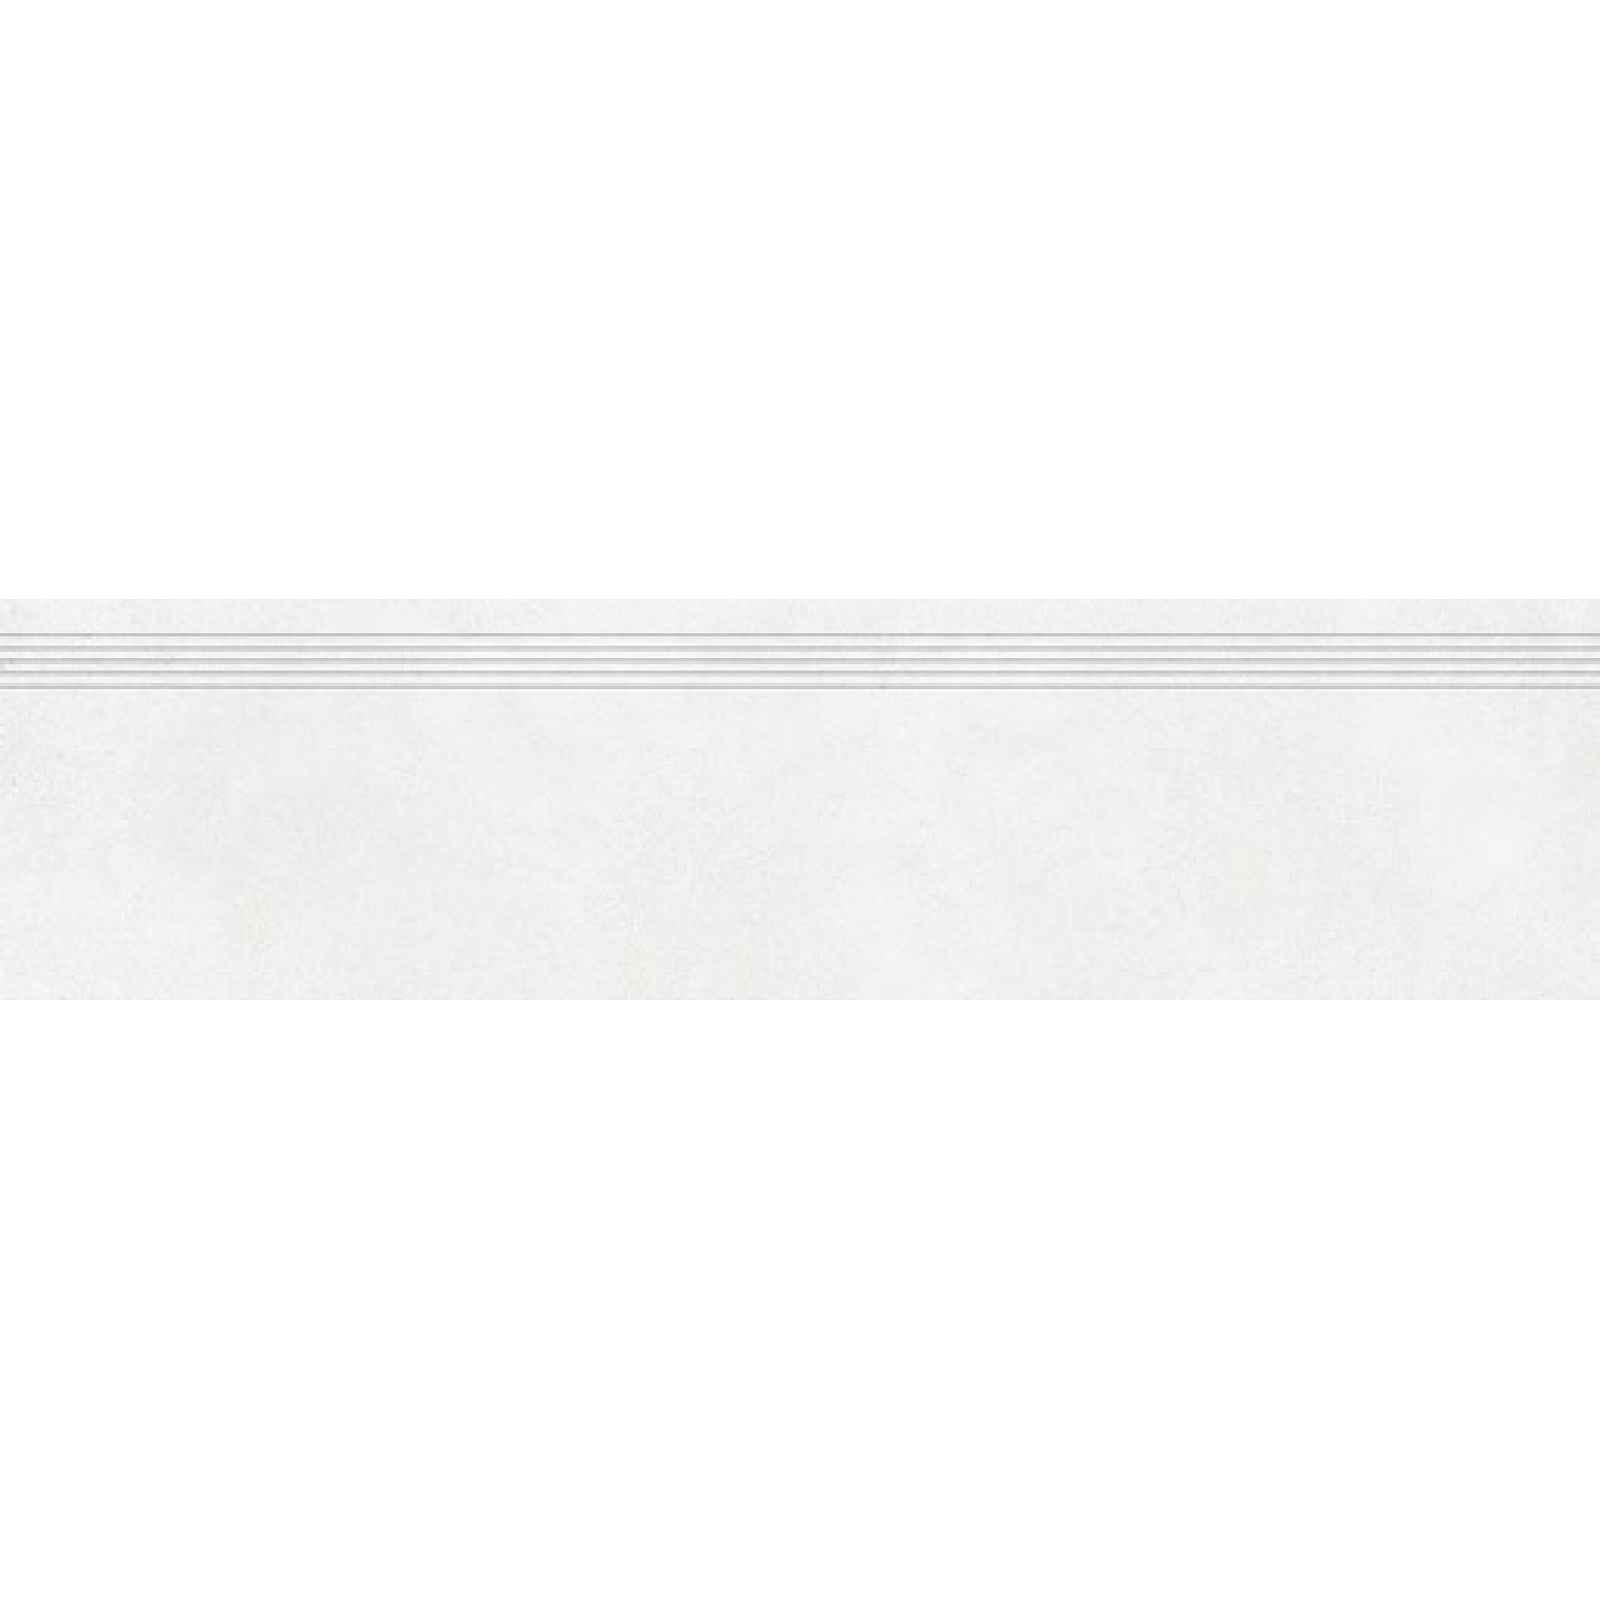 Schodovka RAKO Betonico bílošedá 30x120 cm mat DCPVF790.1